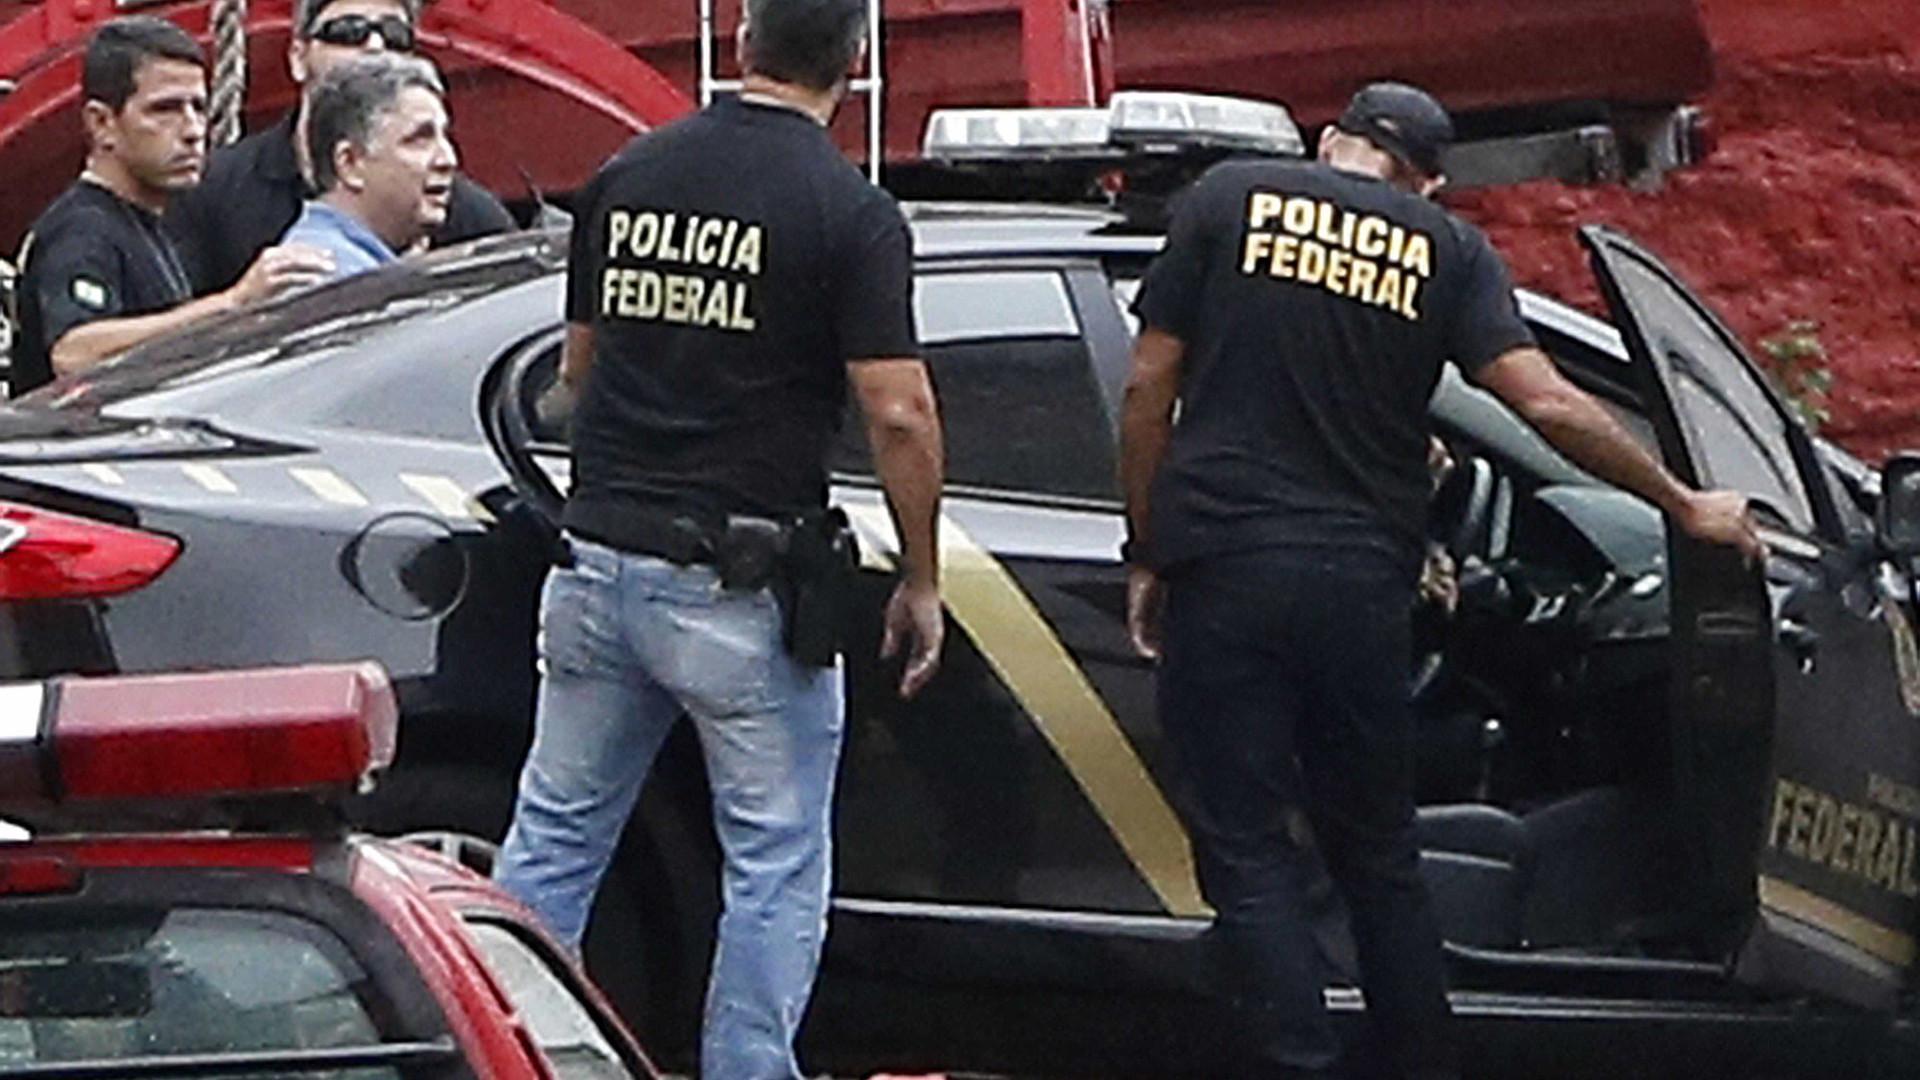 Garotinho afirma ter sido agredido na cadeia após invasão de cela